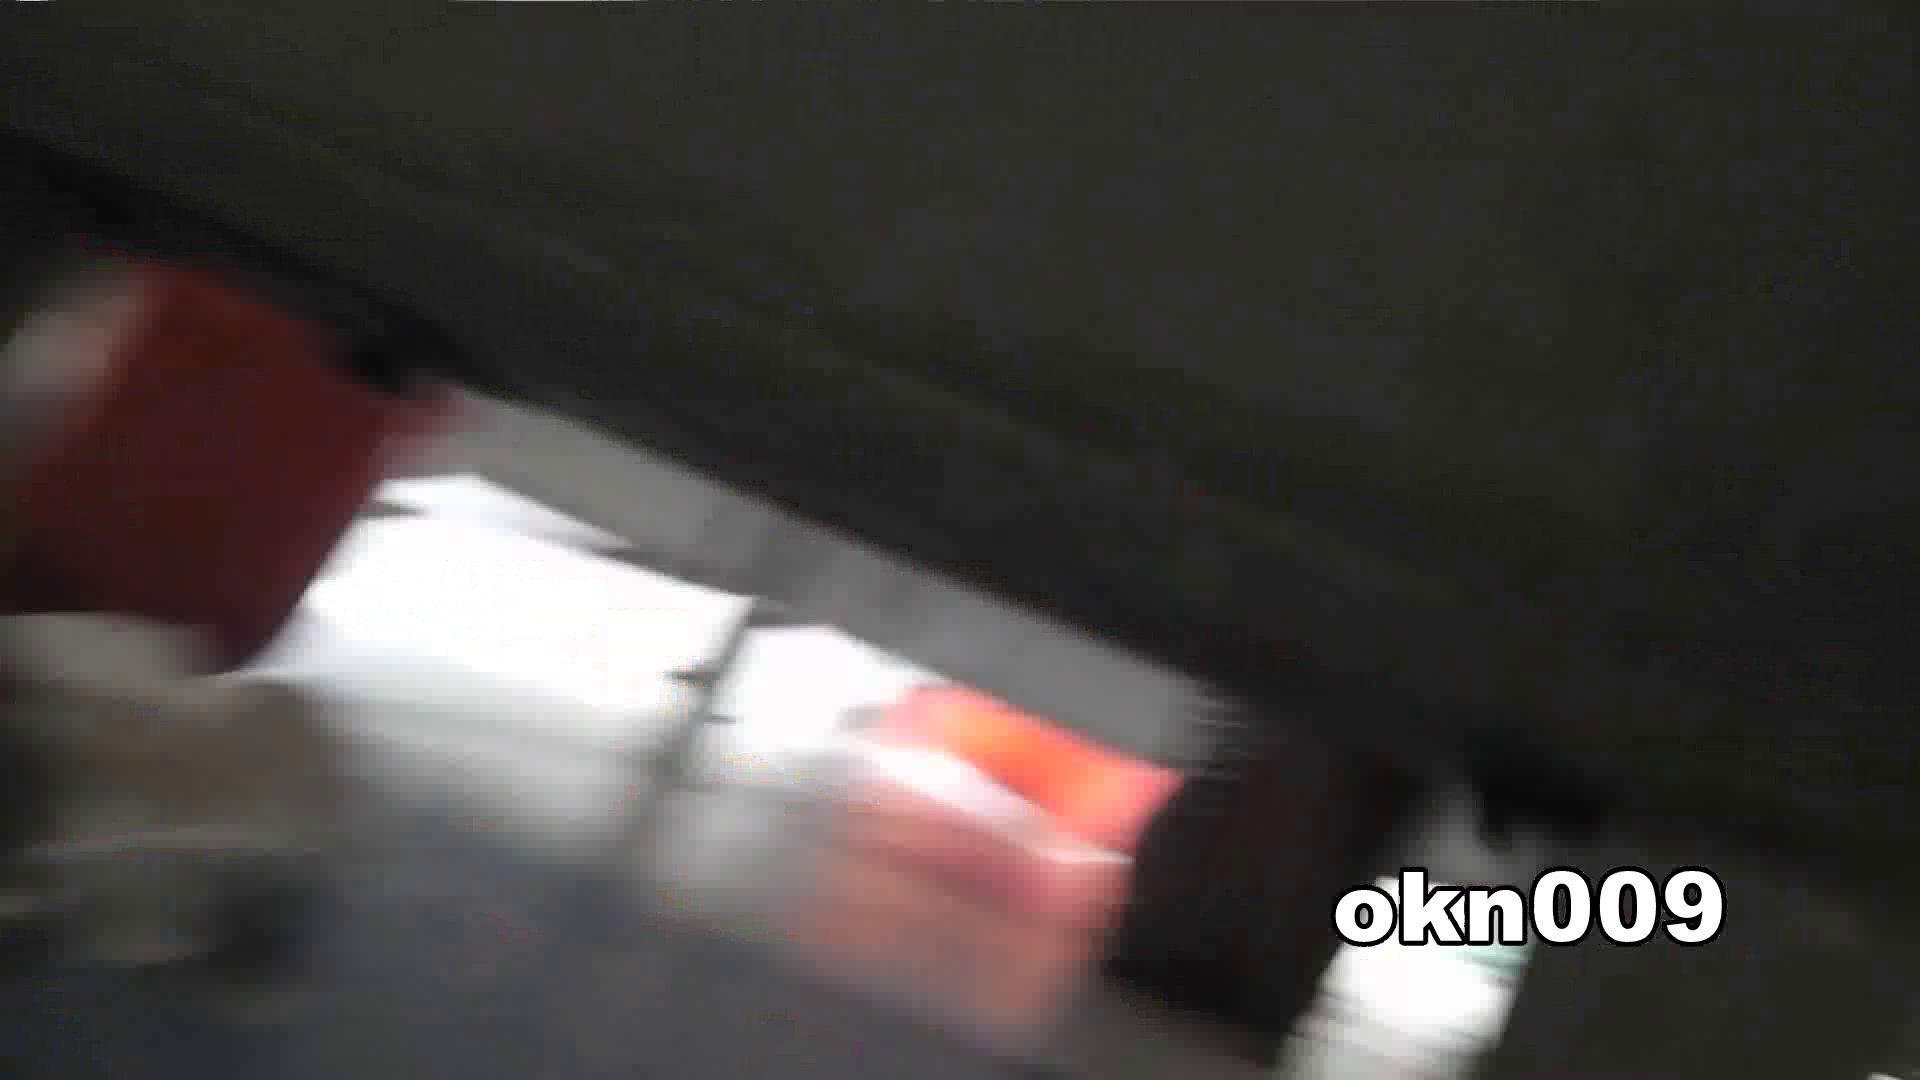 下からノゾム vol.009 リキンでモリアガった割にヒョロ 丸見え おまんこ無修正動画無料 72画像 14